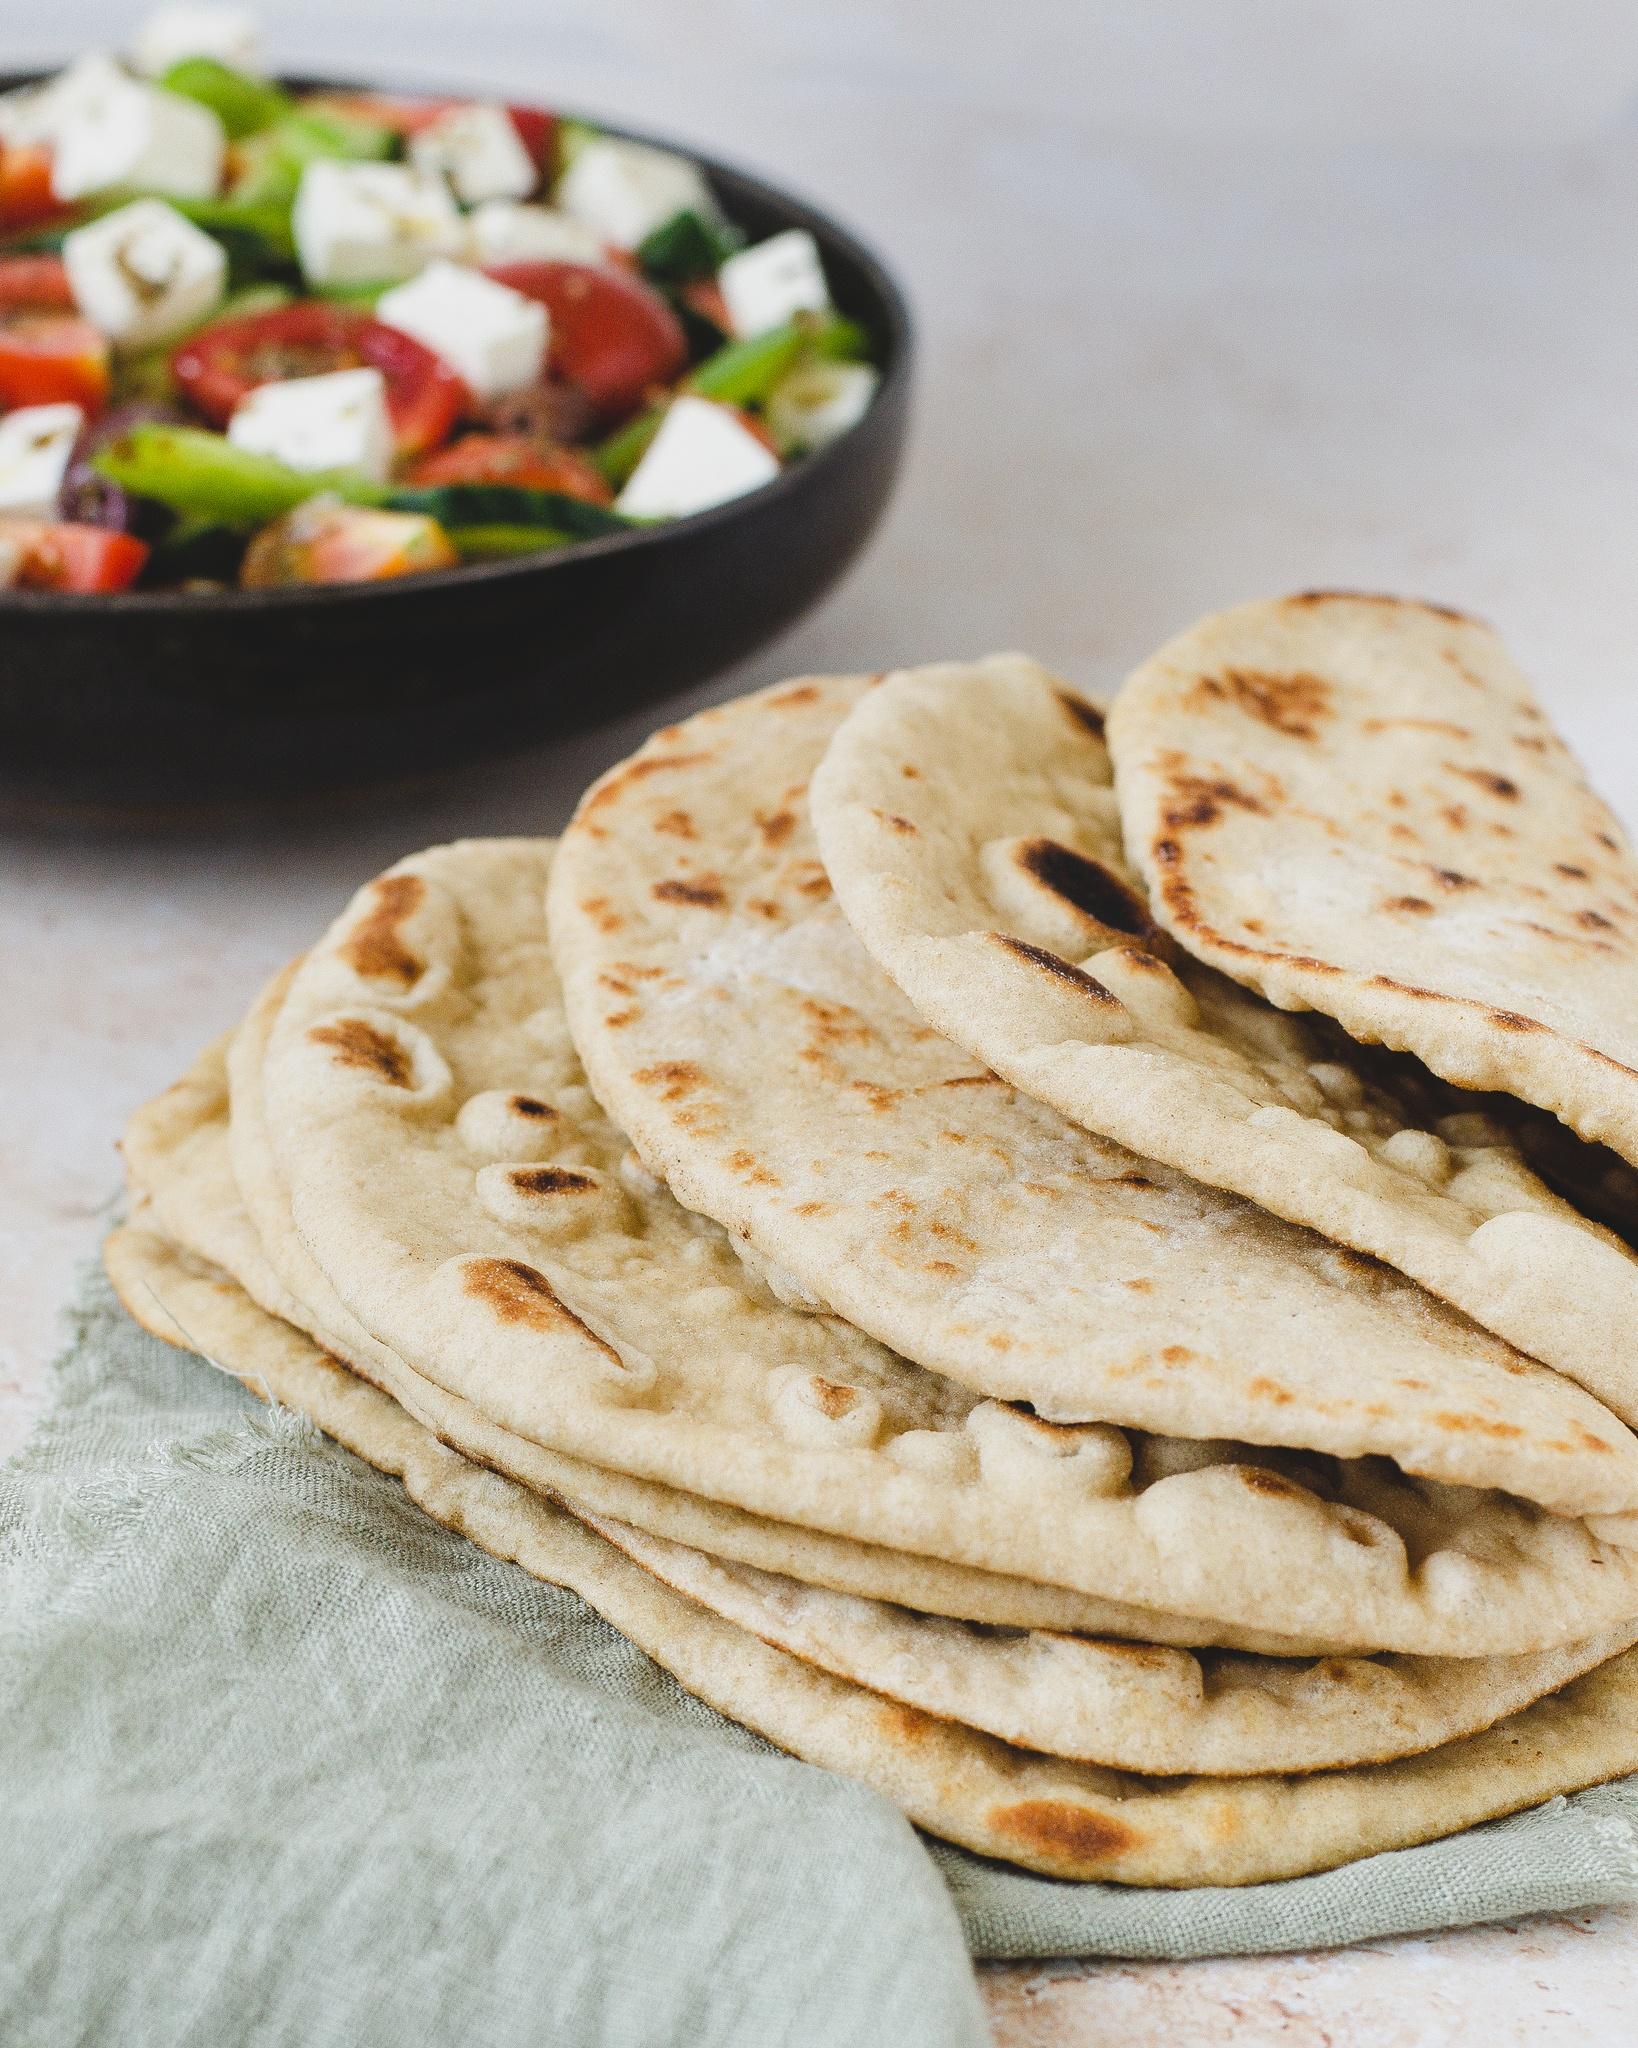 græske fladbrød med græsk salat